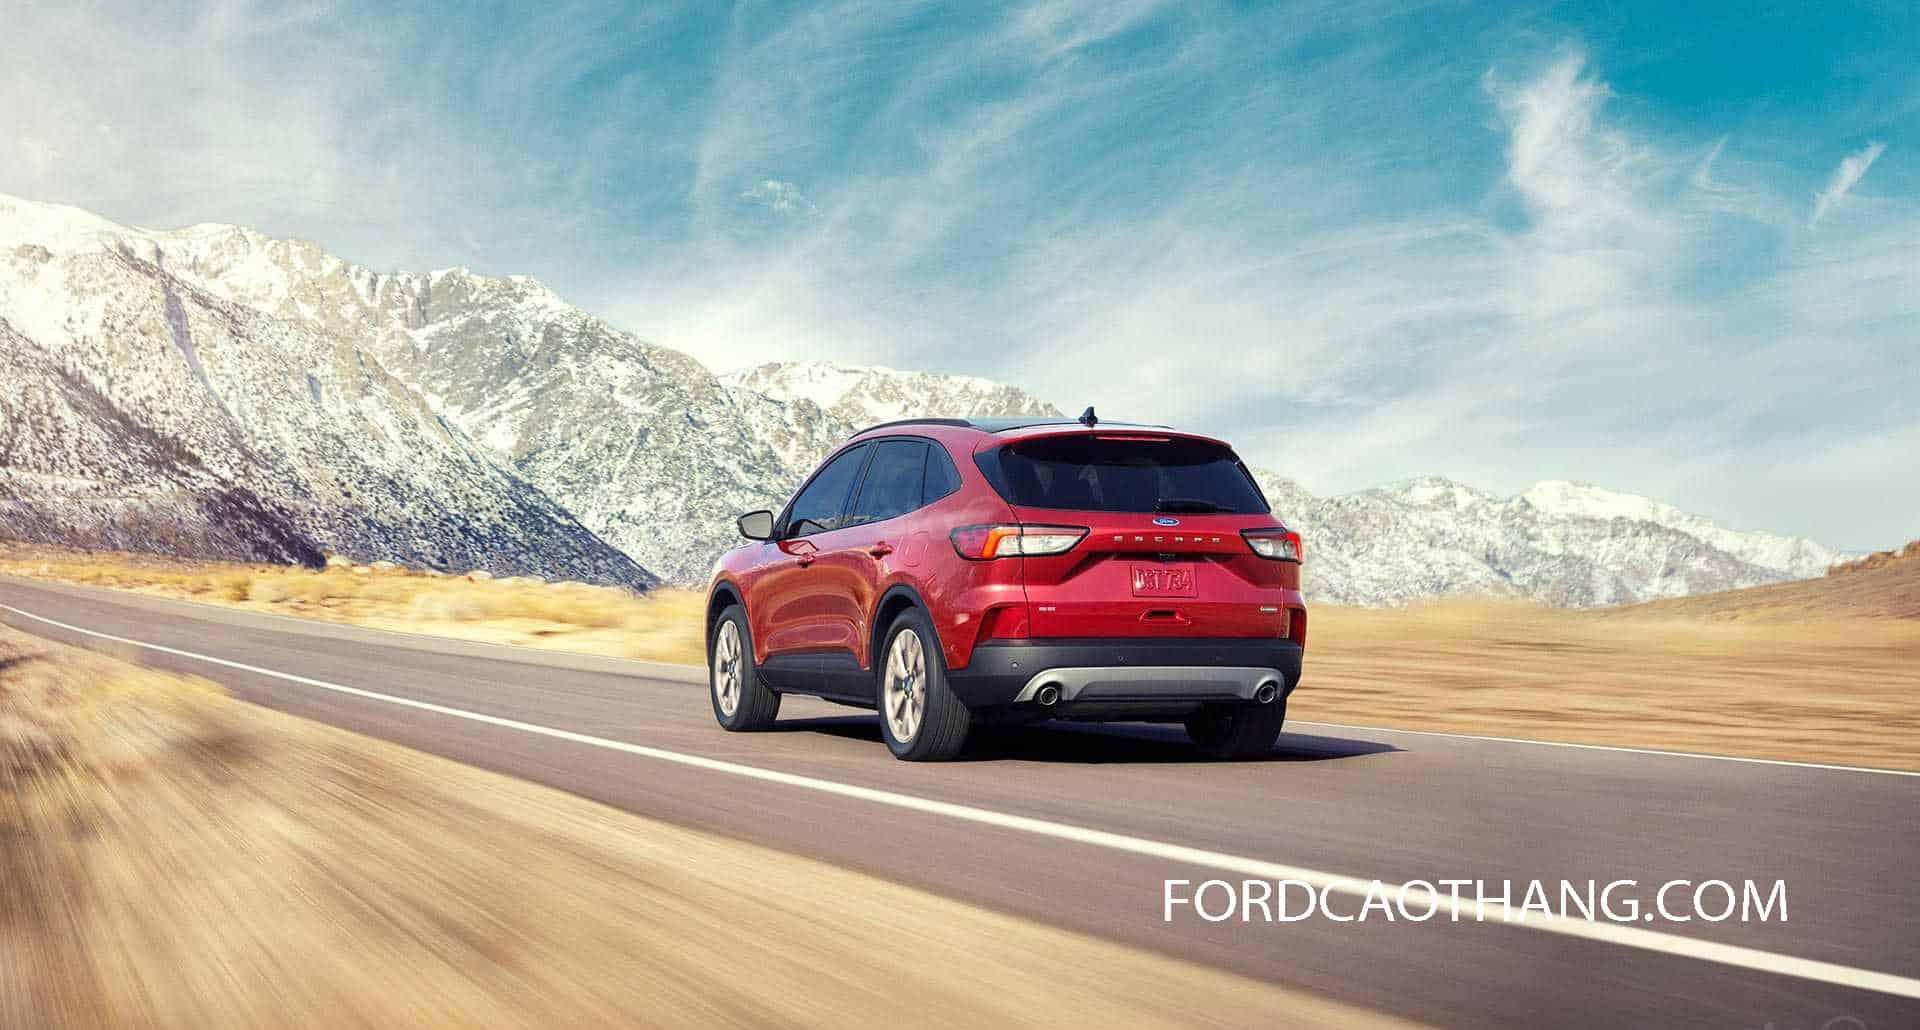 Khả năng vận hành của xe Ford Escape 2020